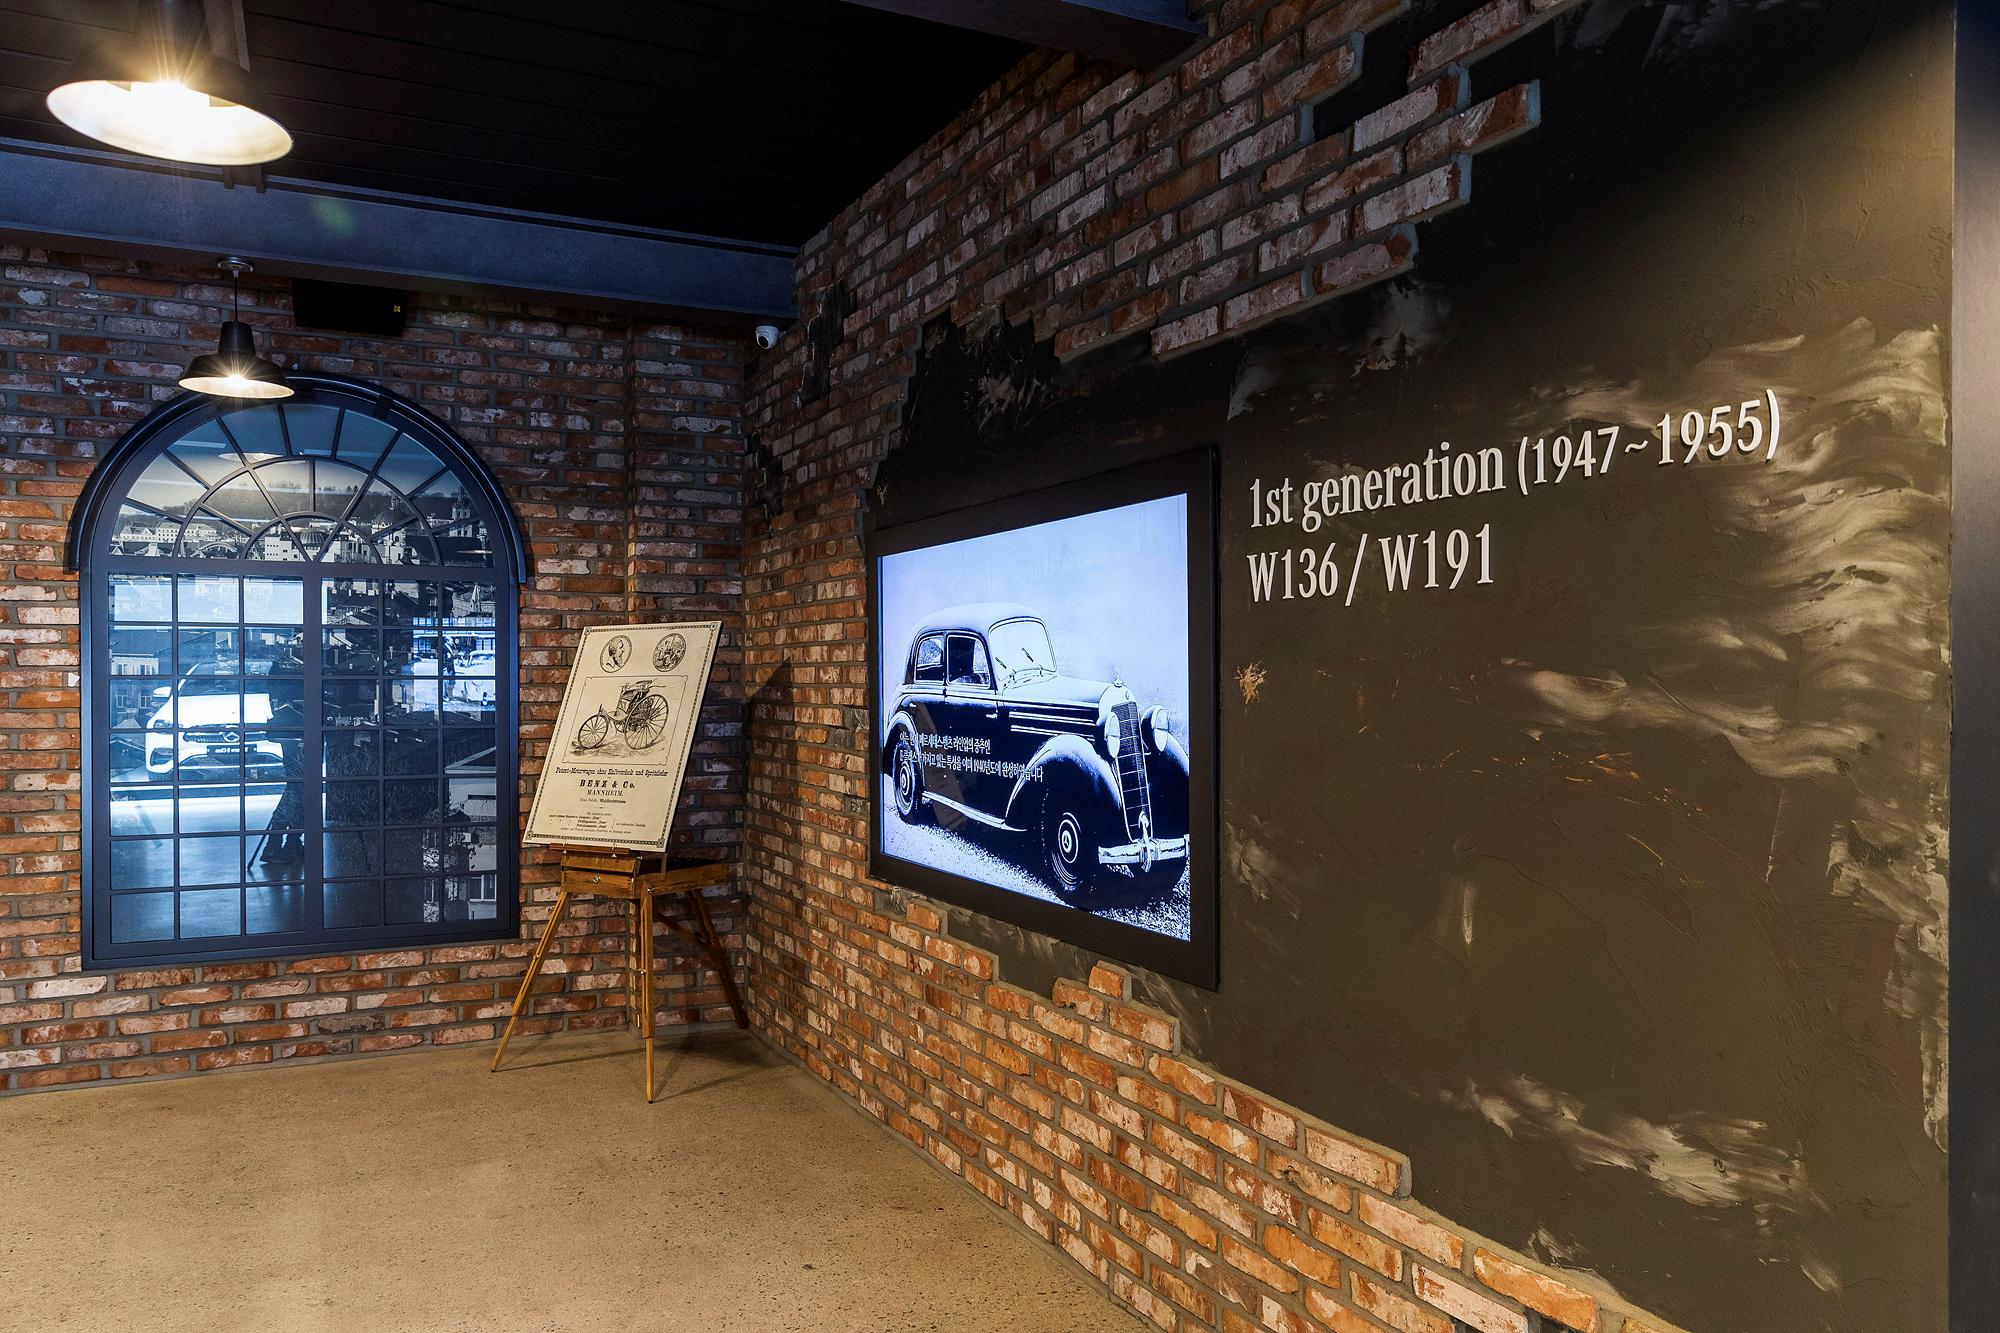 1947년부터 70여년 동안 10세대를 이어온 메르세데스-벤츠 E클래스의 전통은 이들의 자랑거리다. 메르세데스-벤츠 코리아는 서울 신사동 서울옥션 강남센터에 '하우스 오브 E'라는 전시 공간을 꾸려 올드카와 E클래스의 역사를 소개하고 있다. 사진 메르세데스-벤츠 코리아